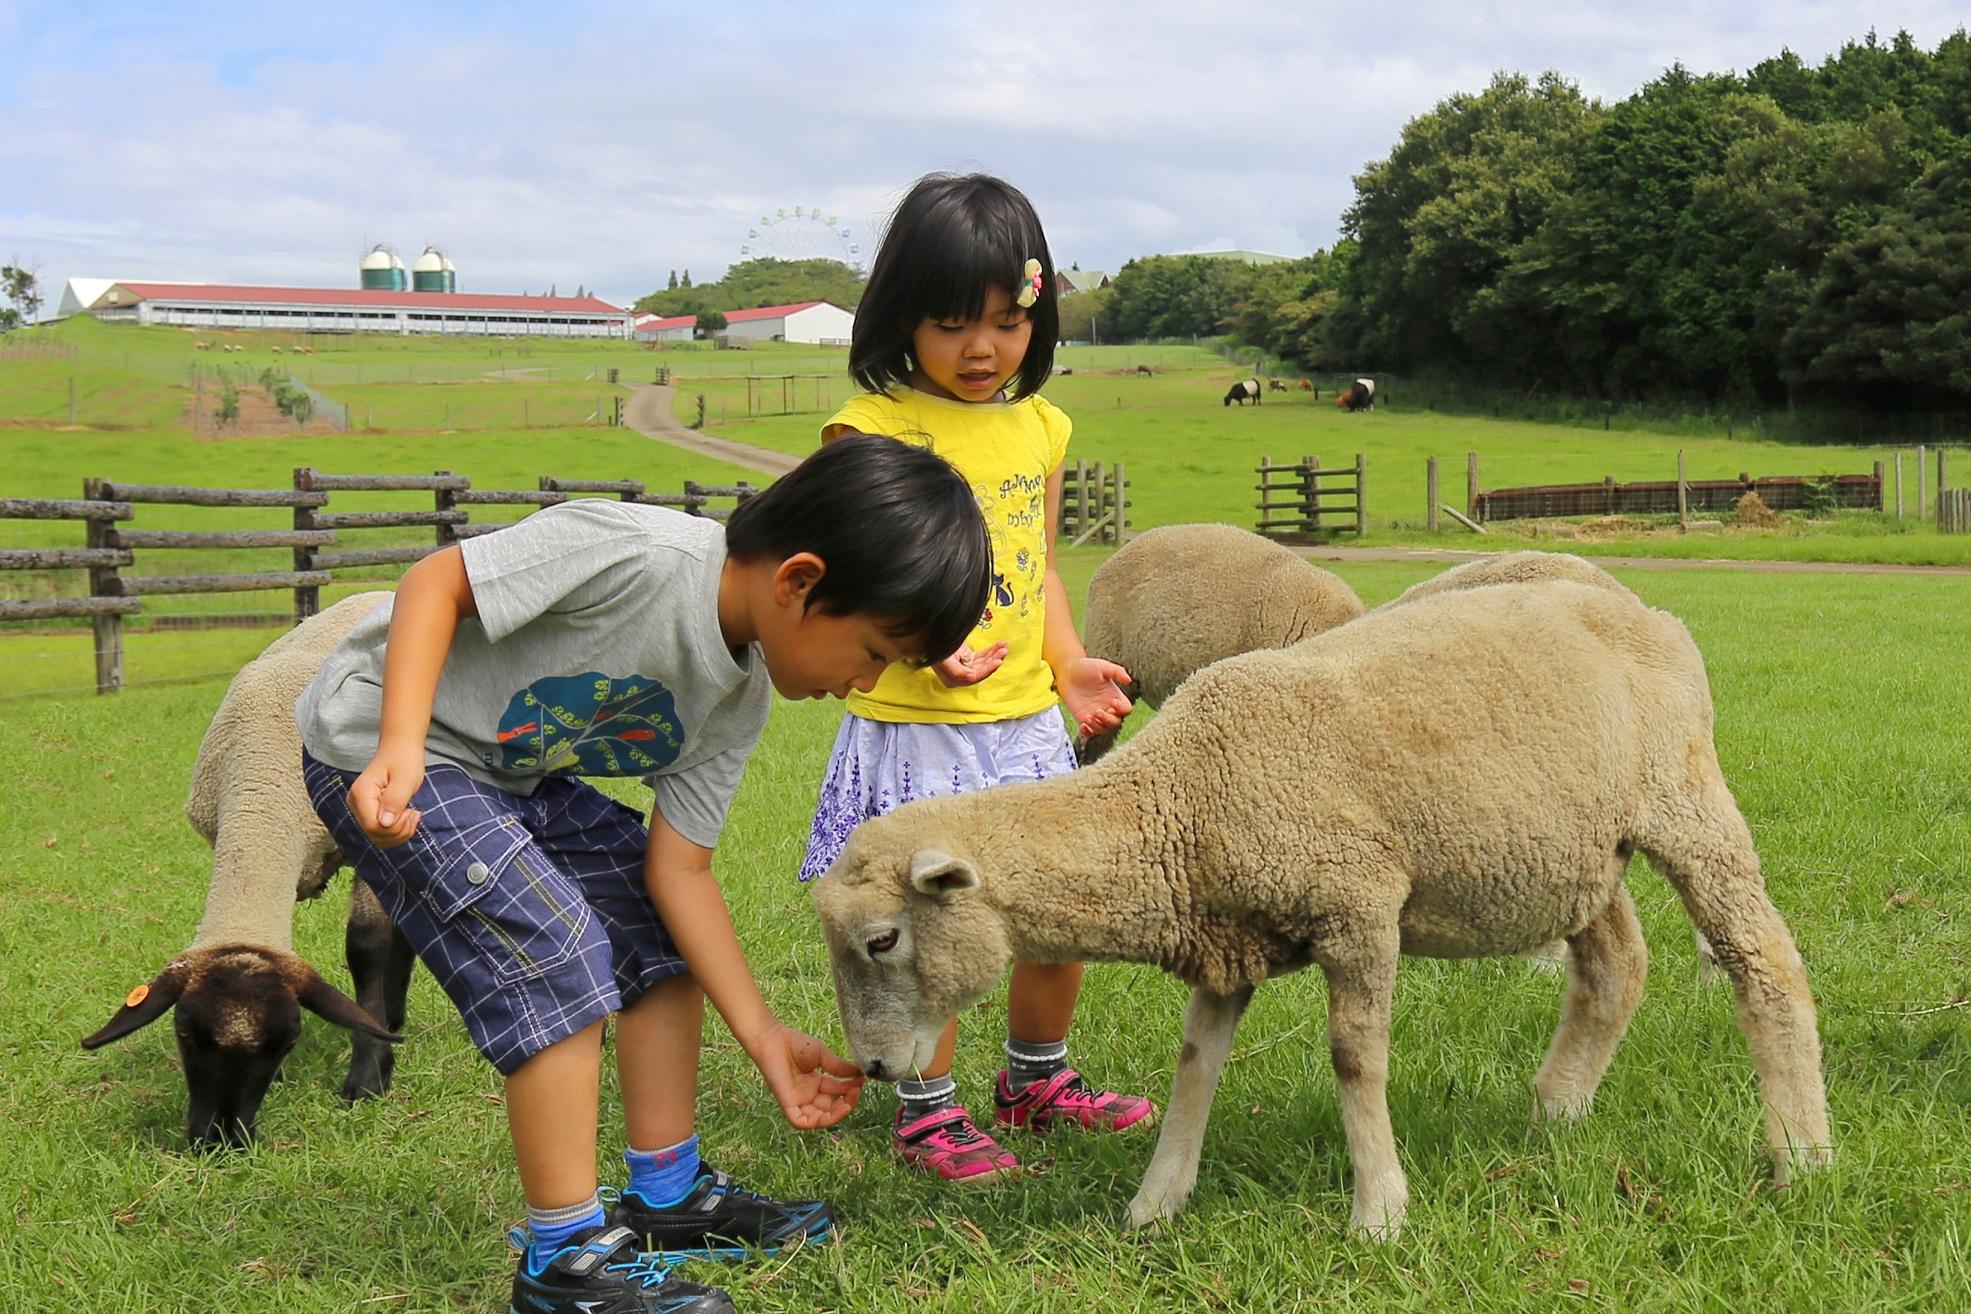 羊など動物とのふれあい/マザー牧場(千葉県/富津市)